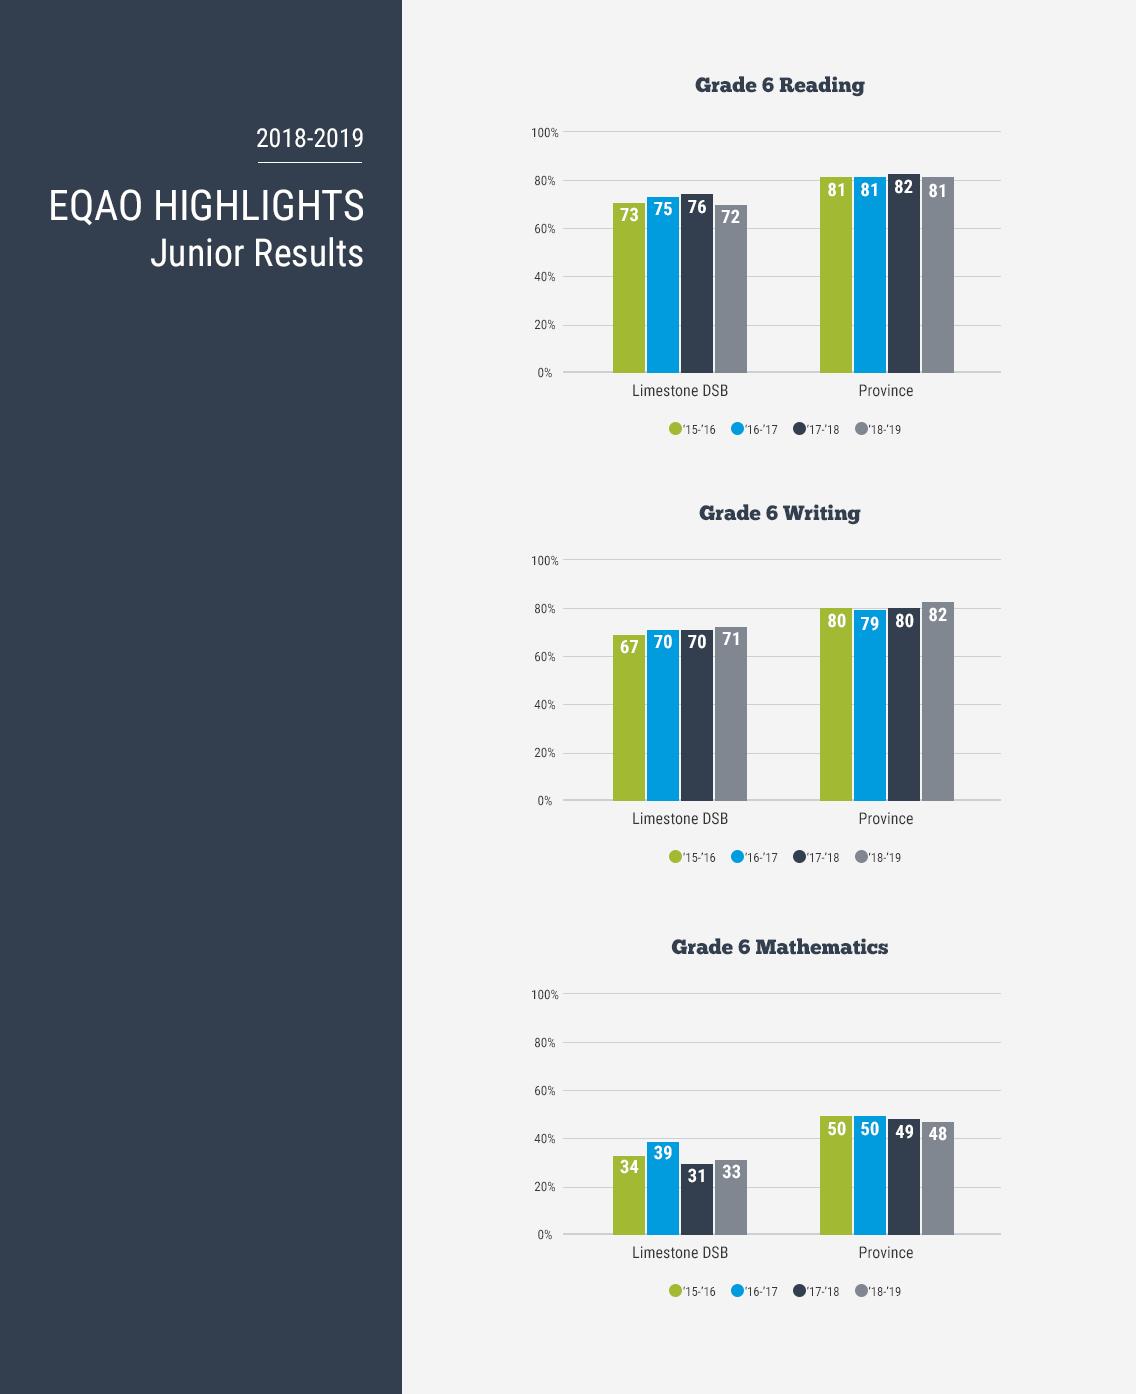 2018-19 Grade 6 Results